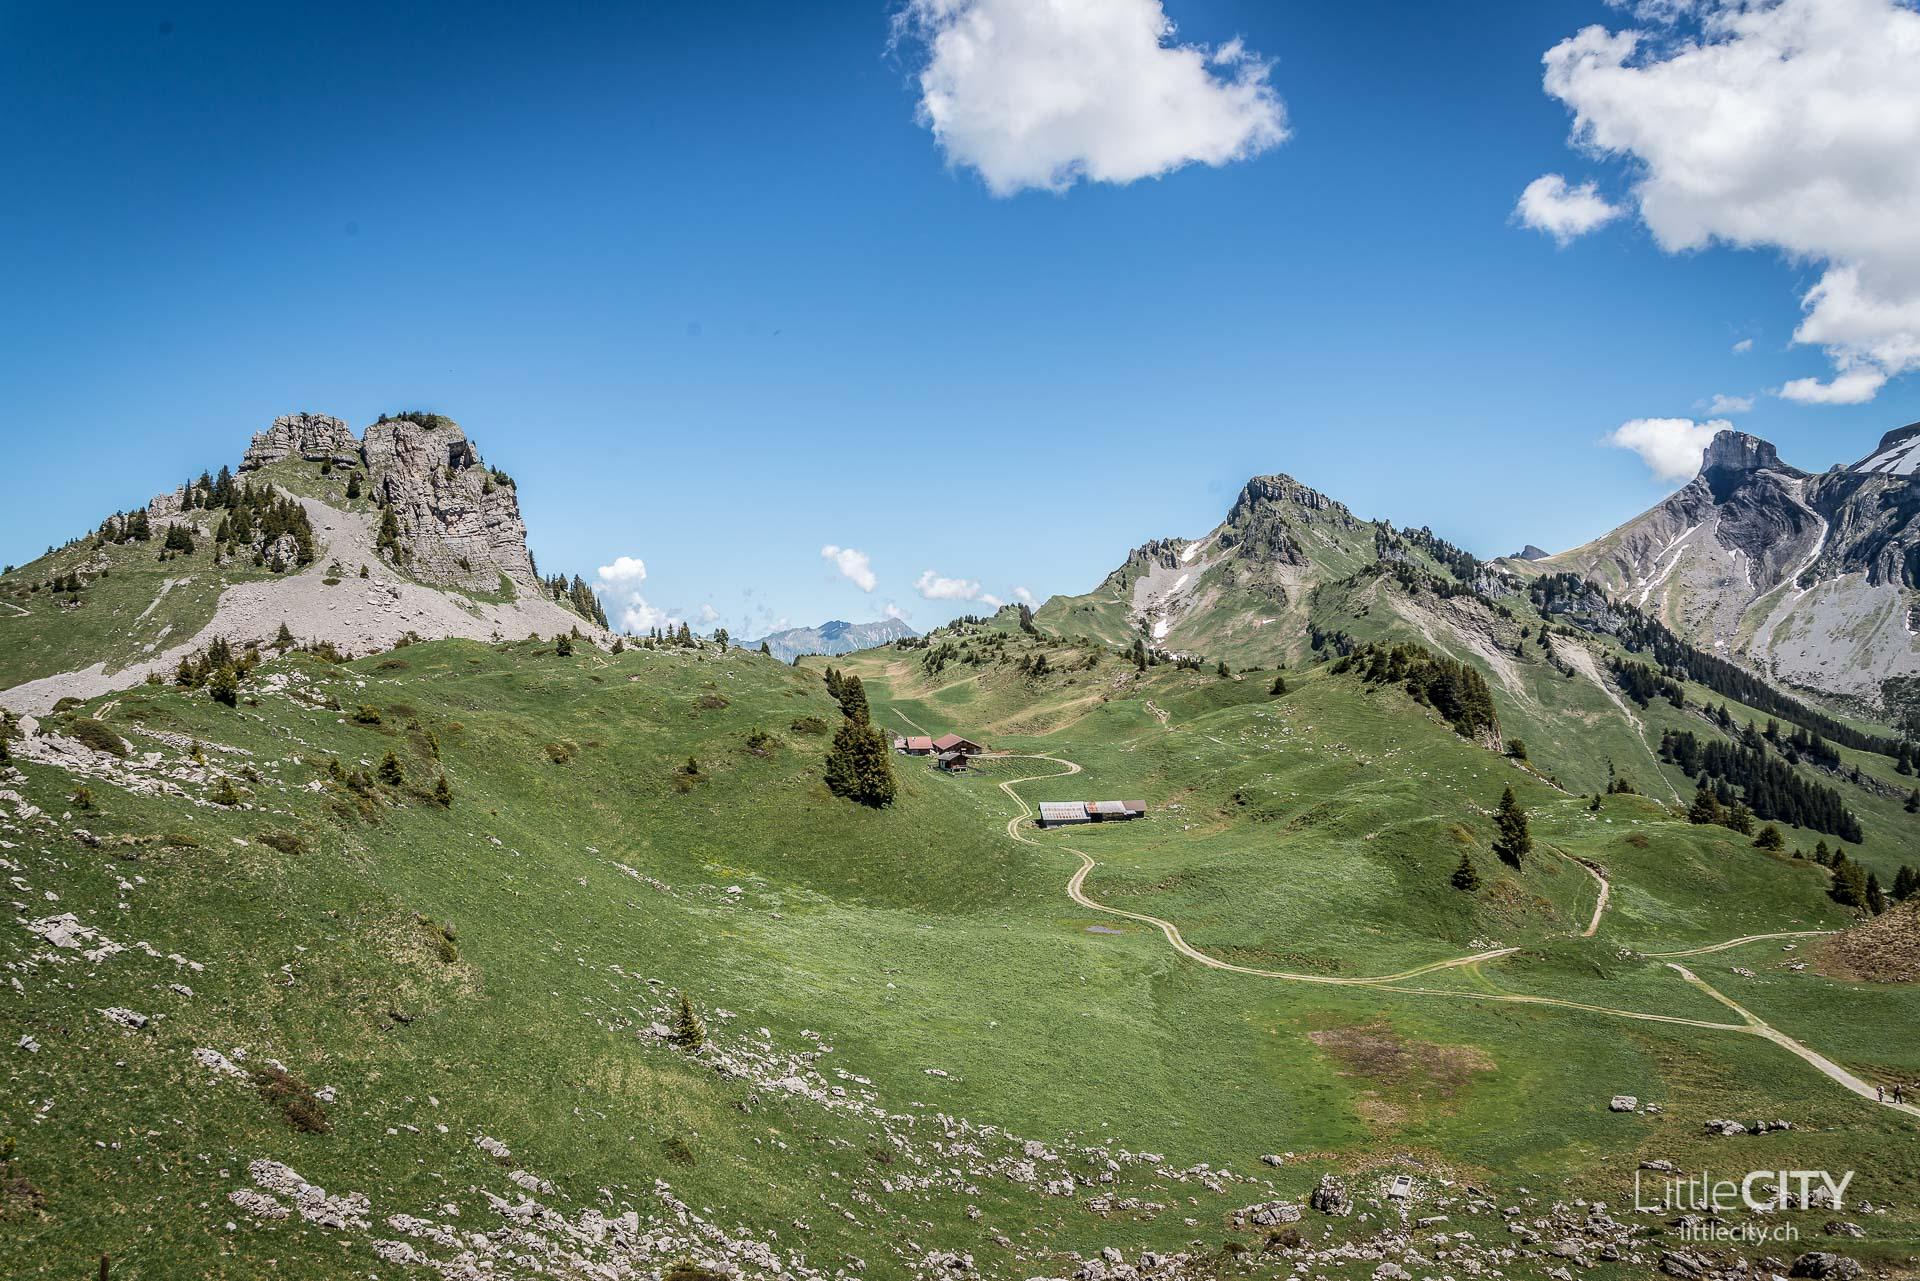 Schynige Platte Wanderung Jungfrau Bahnen LittleCITY-26